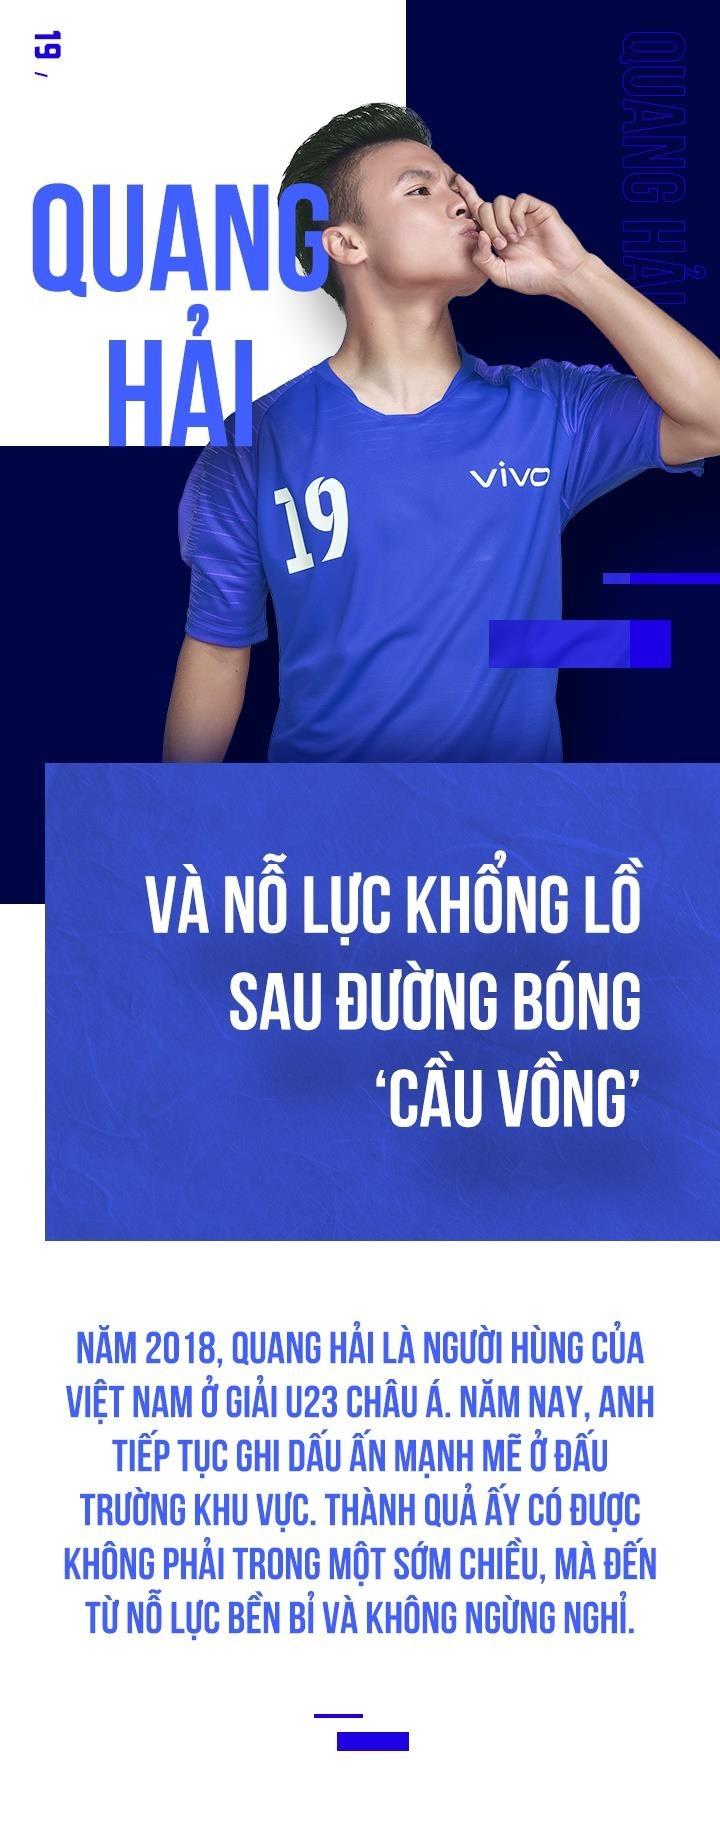 Quang Hai va no luc khong lo sau duong bong 'cau vong' hinh anh 1